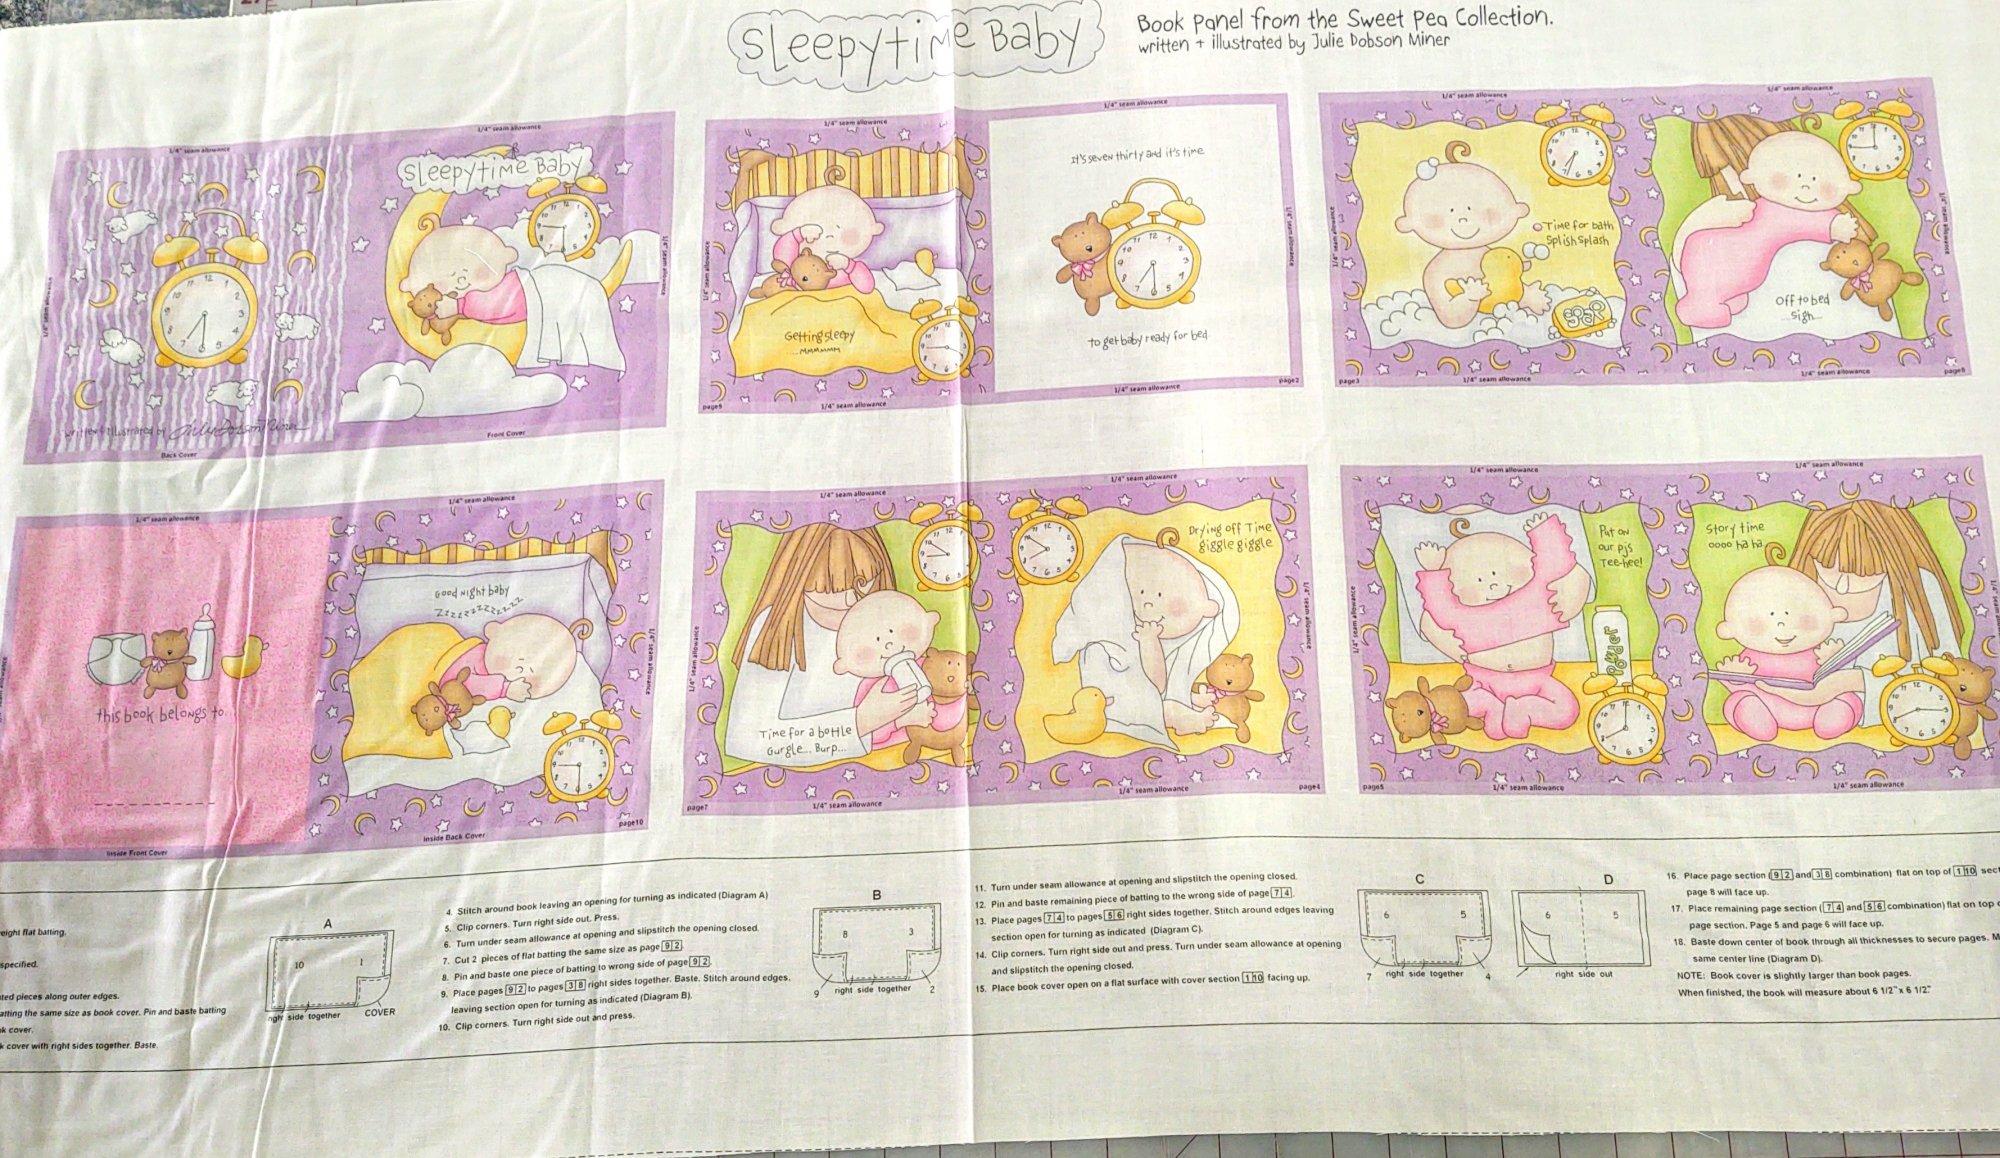 Sweet Pea-Sleepytime Baby Book Panel